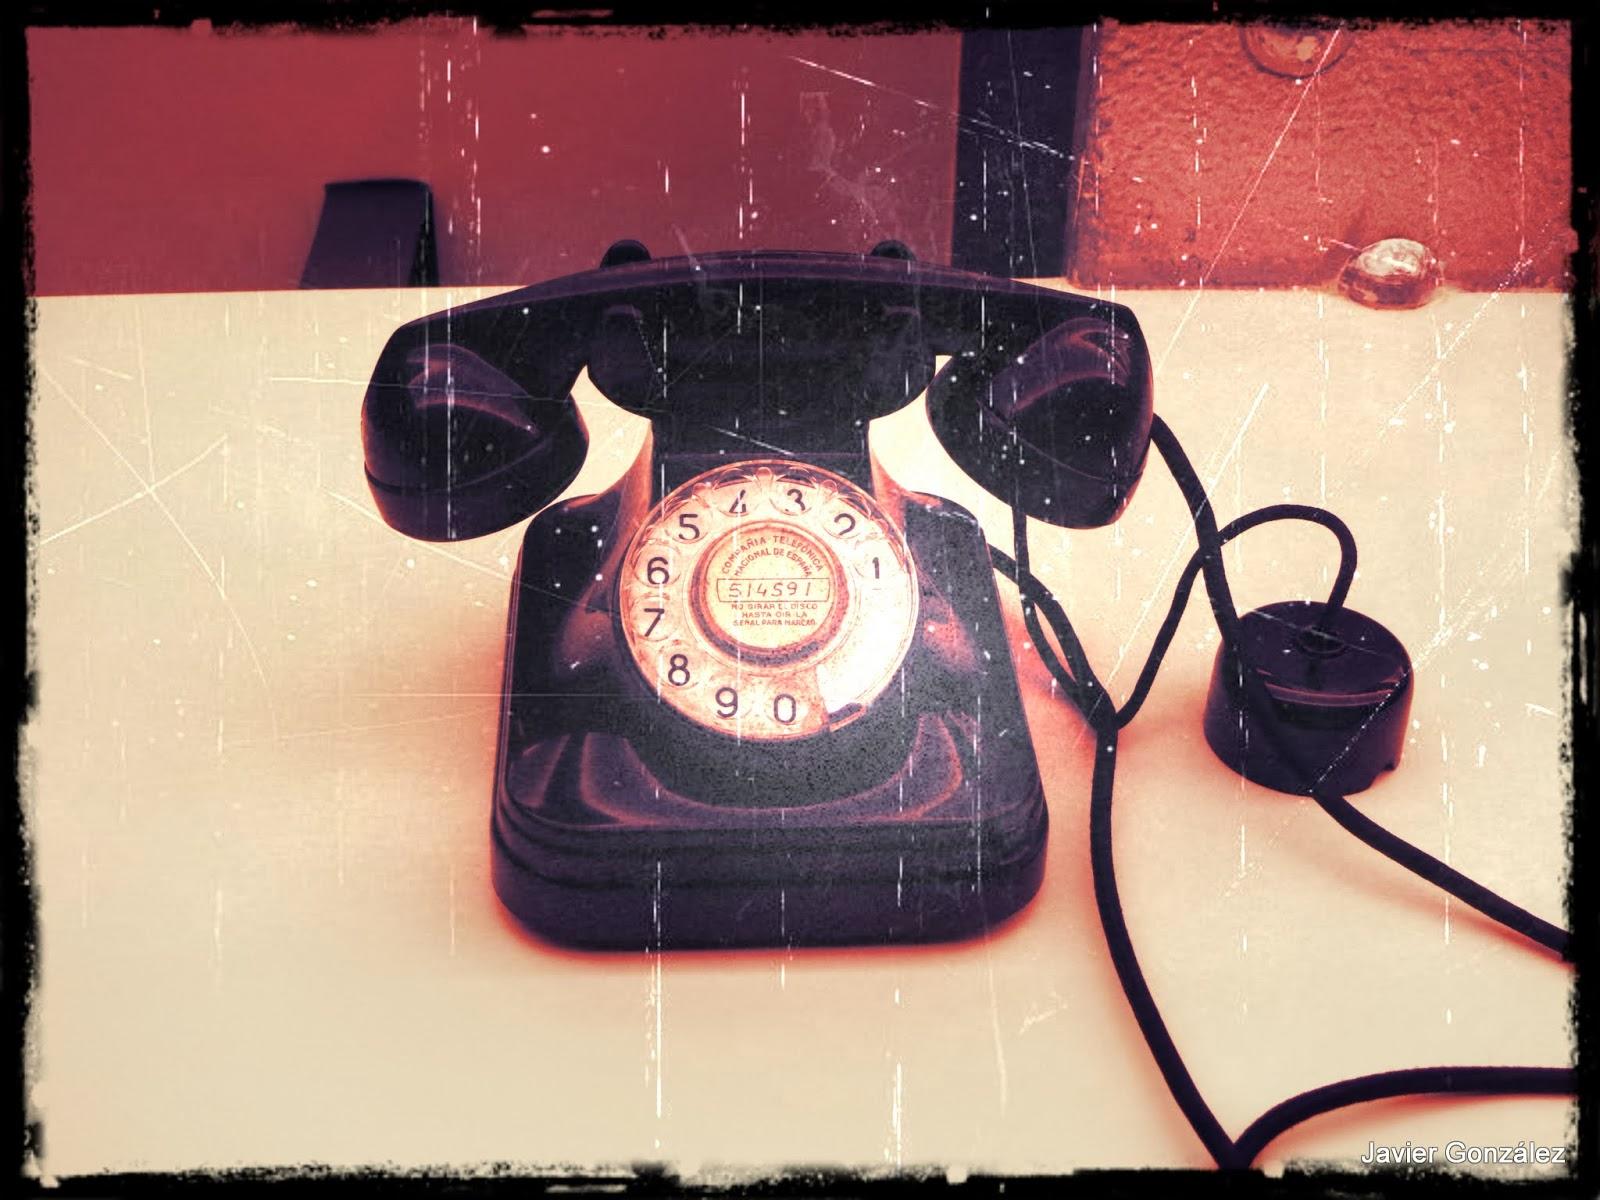 Teléfono clásico de marcación por disco Telephone classic rotary dial